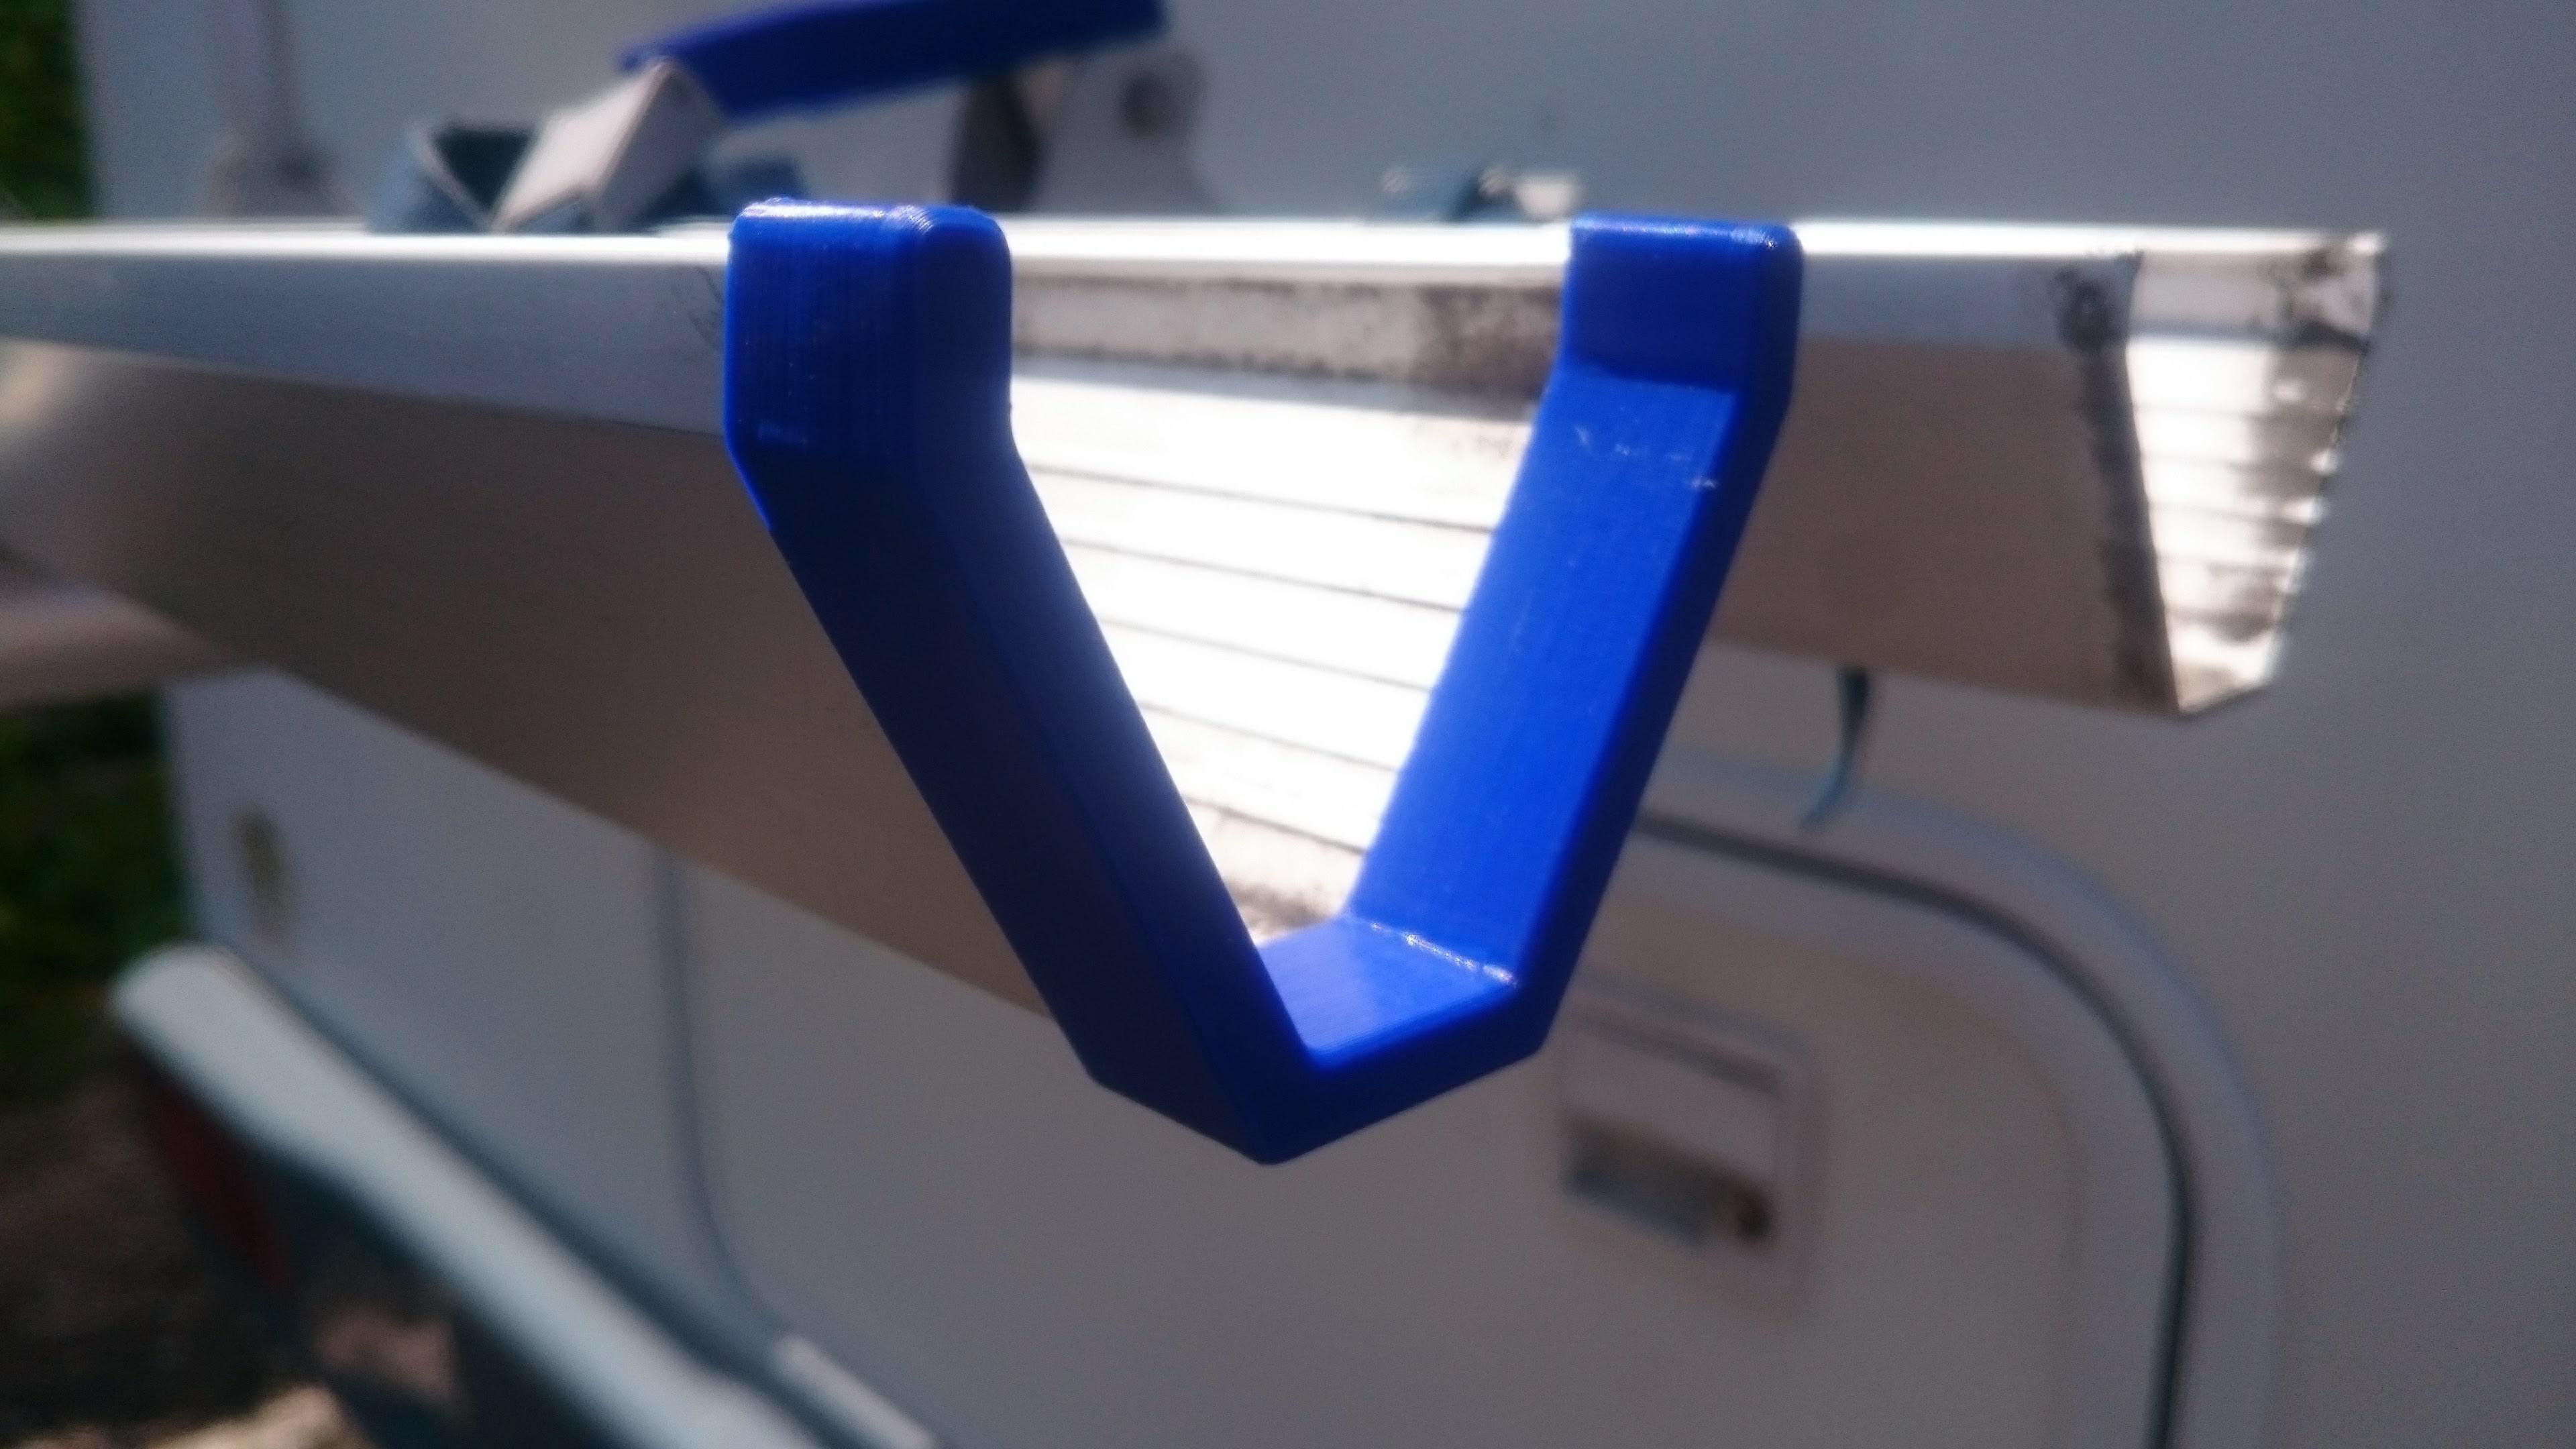 02-Embout de rail velo.jpg Download free STL file Parts Bike carrier for motorhomes • 3D printer model, Ldom21